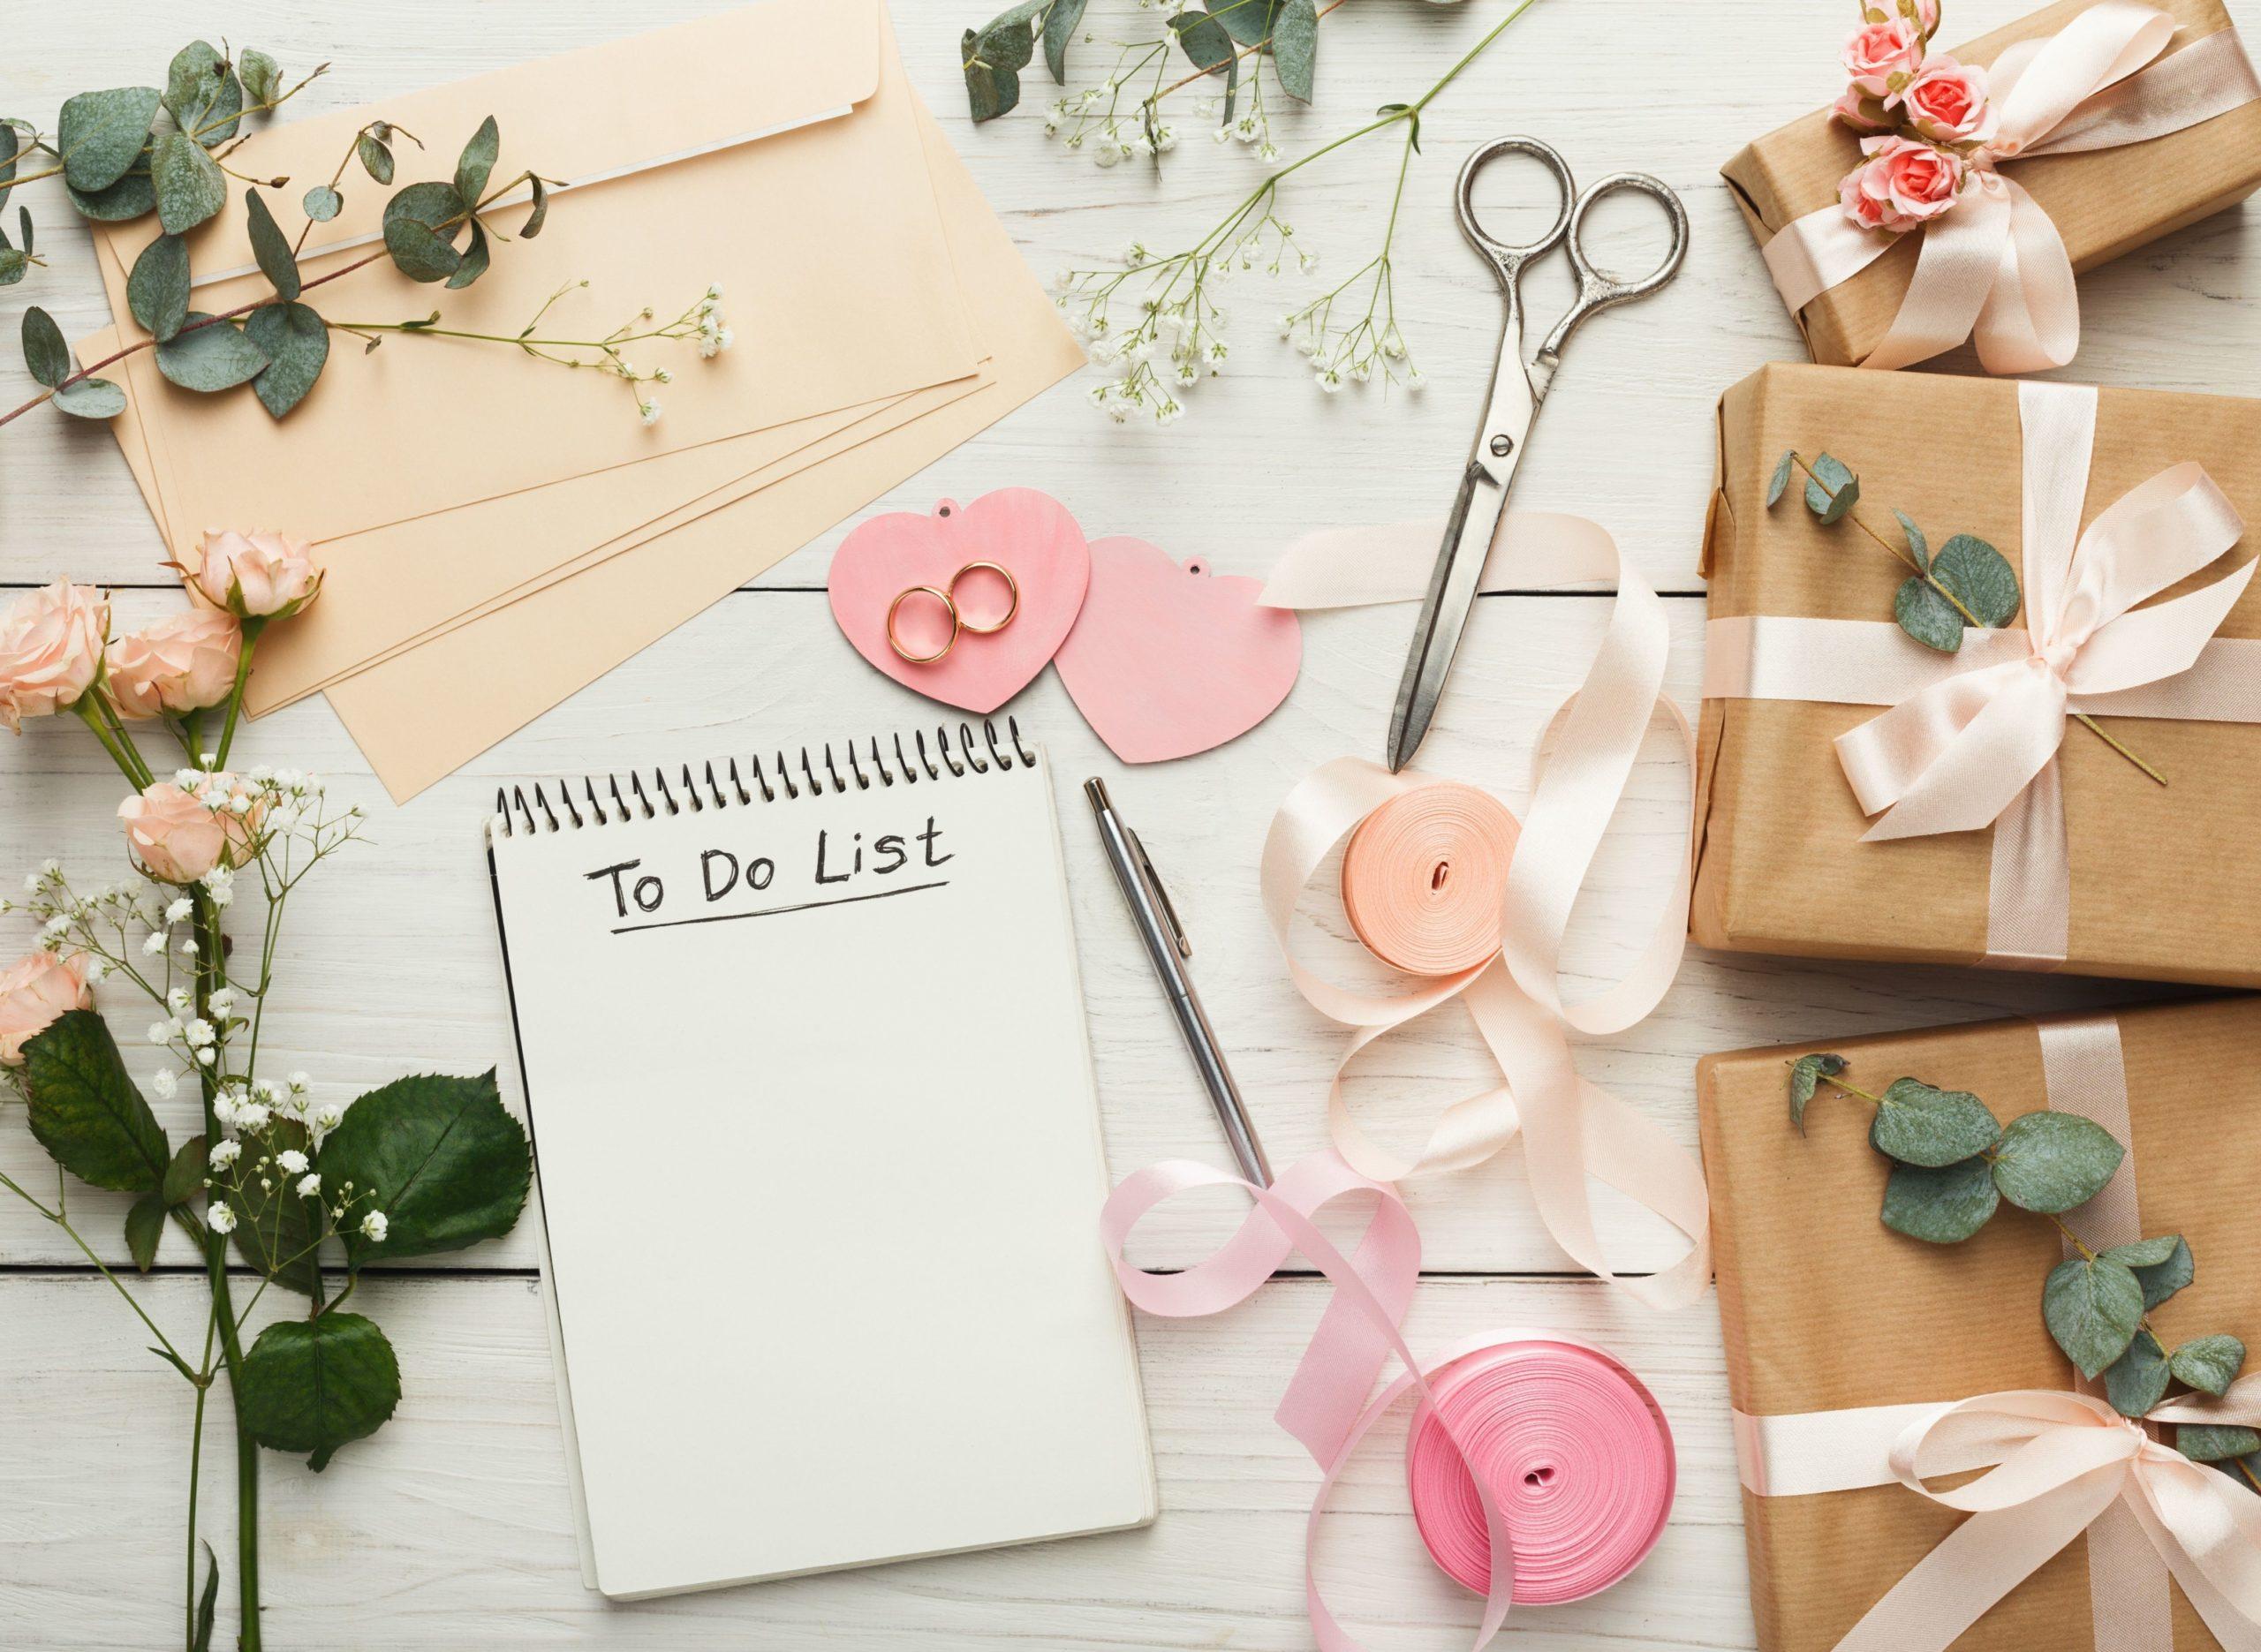 Mariage civil : Le mode d'emploi de A à Z – les moments m – wedding planner lyon